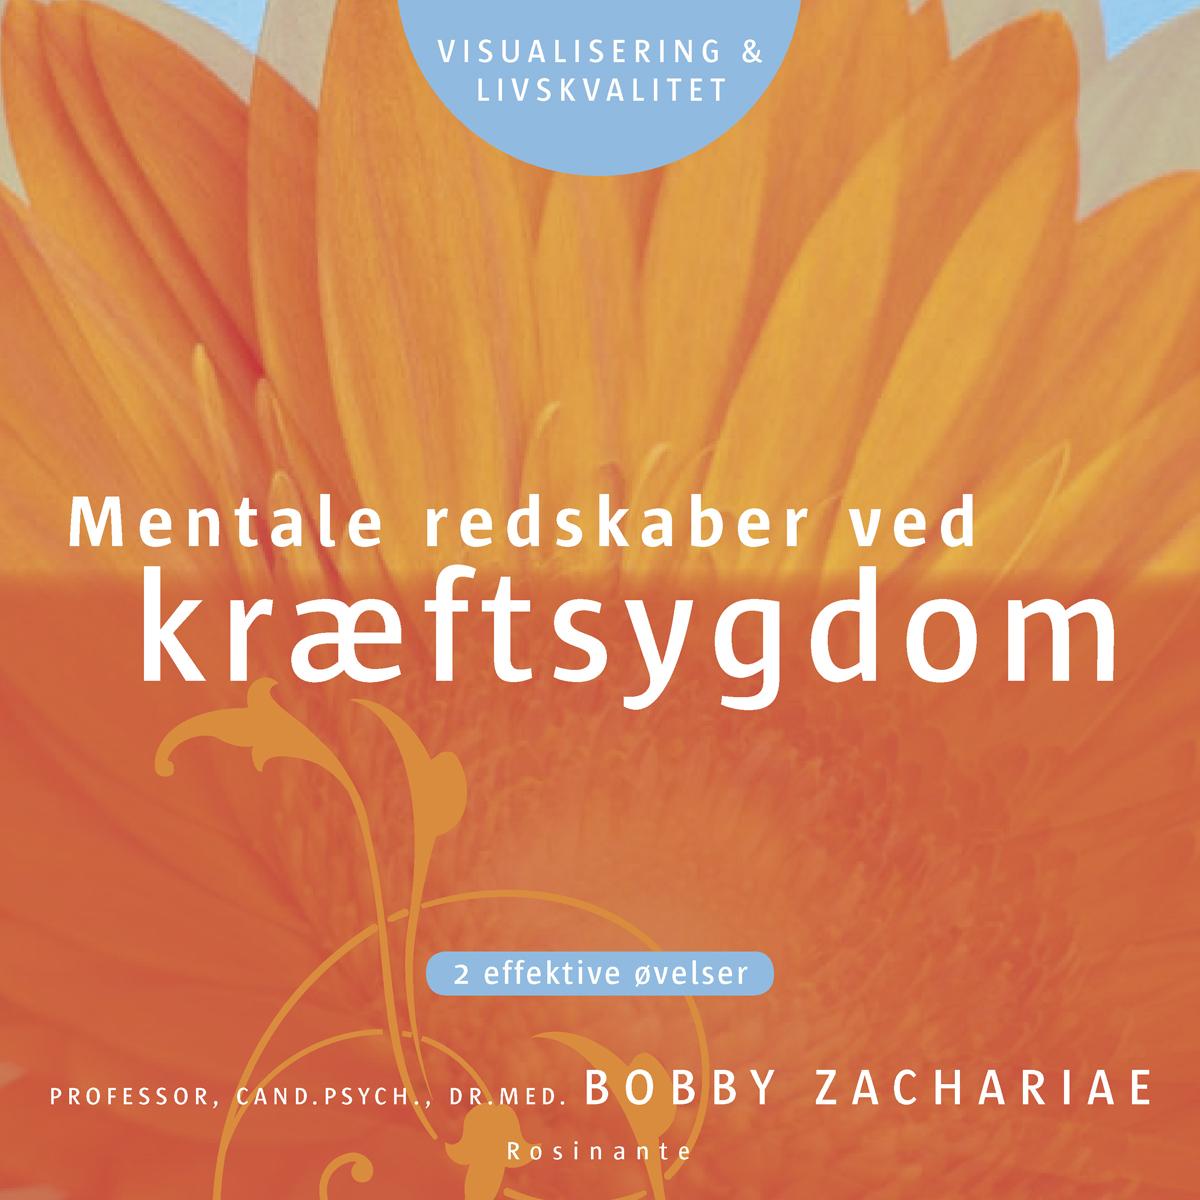 N/A Mentale redskaber ved kræftsygdom - e-lydbog på bog & mystik